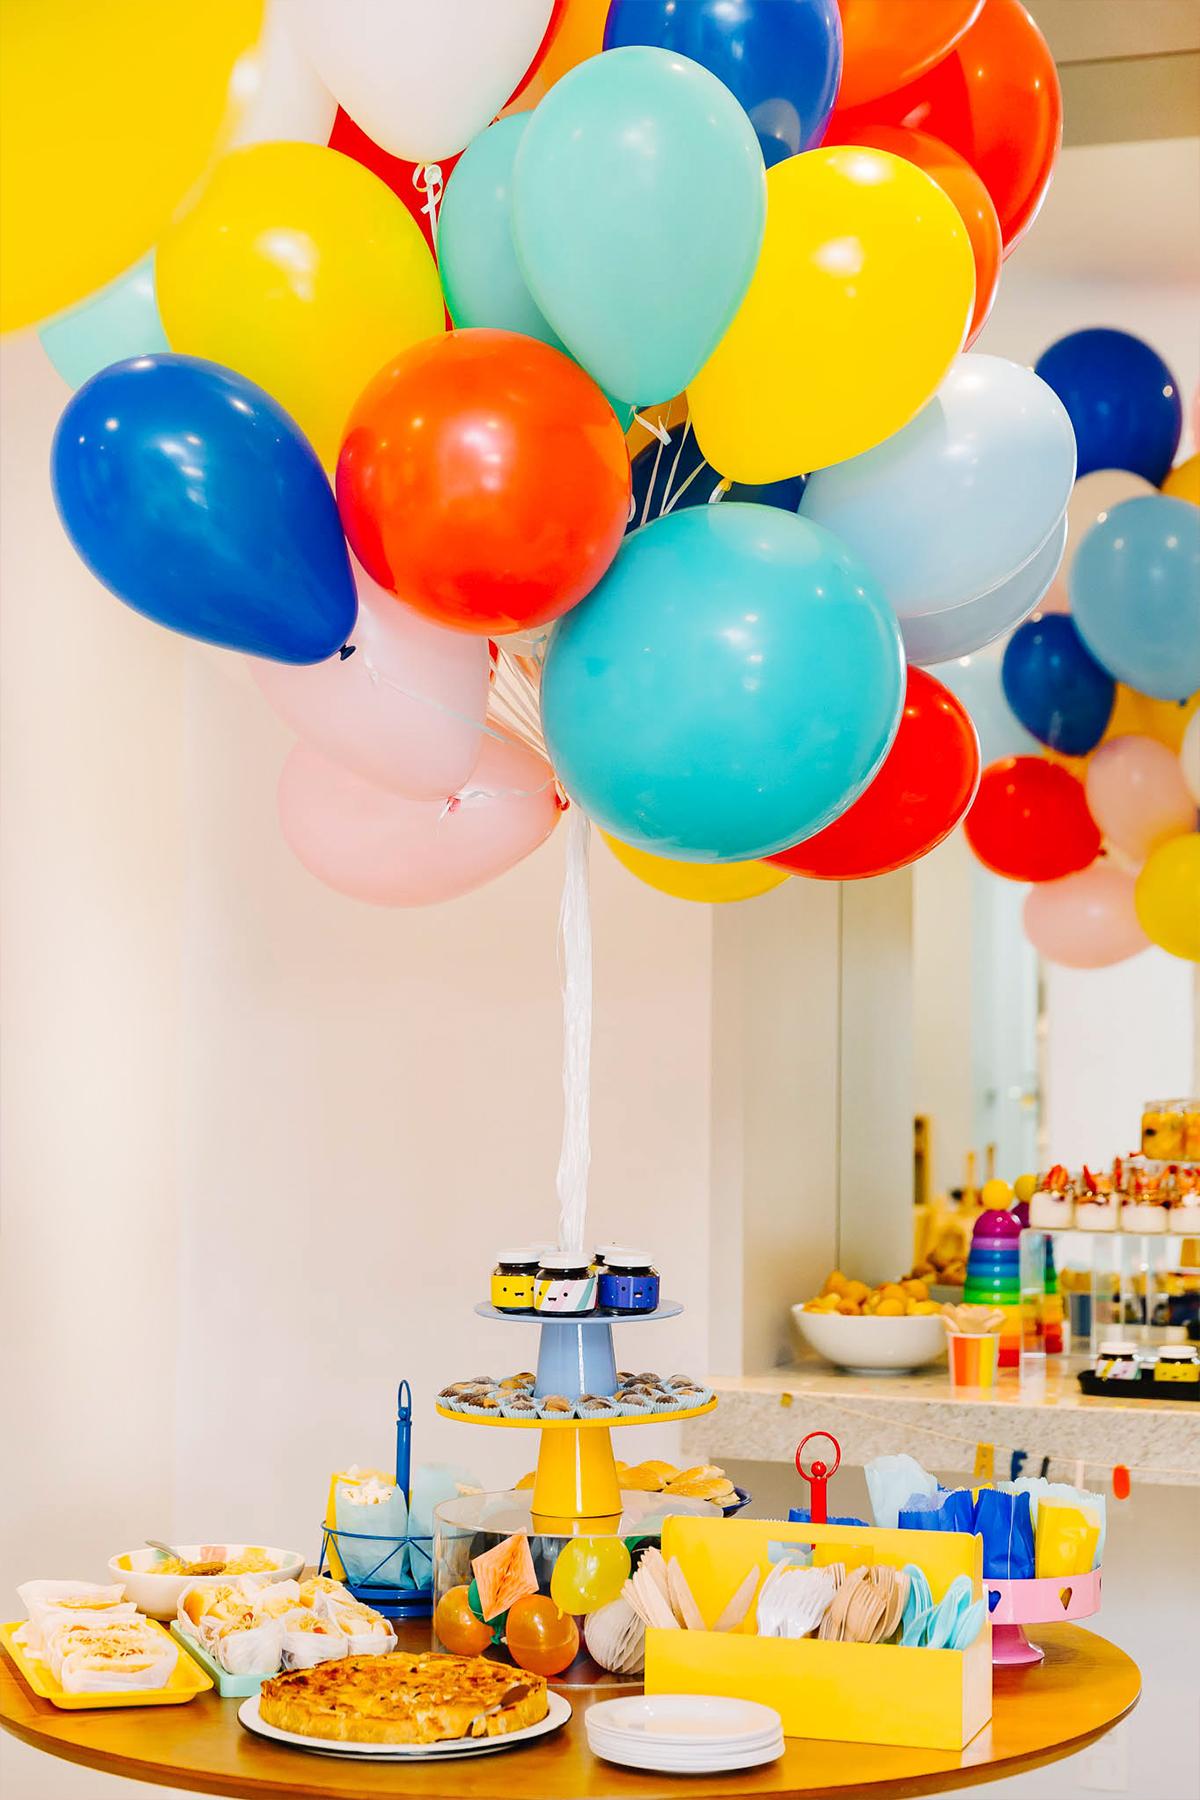 decoracao simples e barata festa aniversario 1 ano colorida para menino temas criativos masculinos formas e cores caixa de papelao blog do math brasilia martin